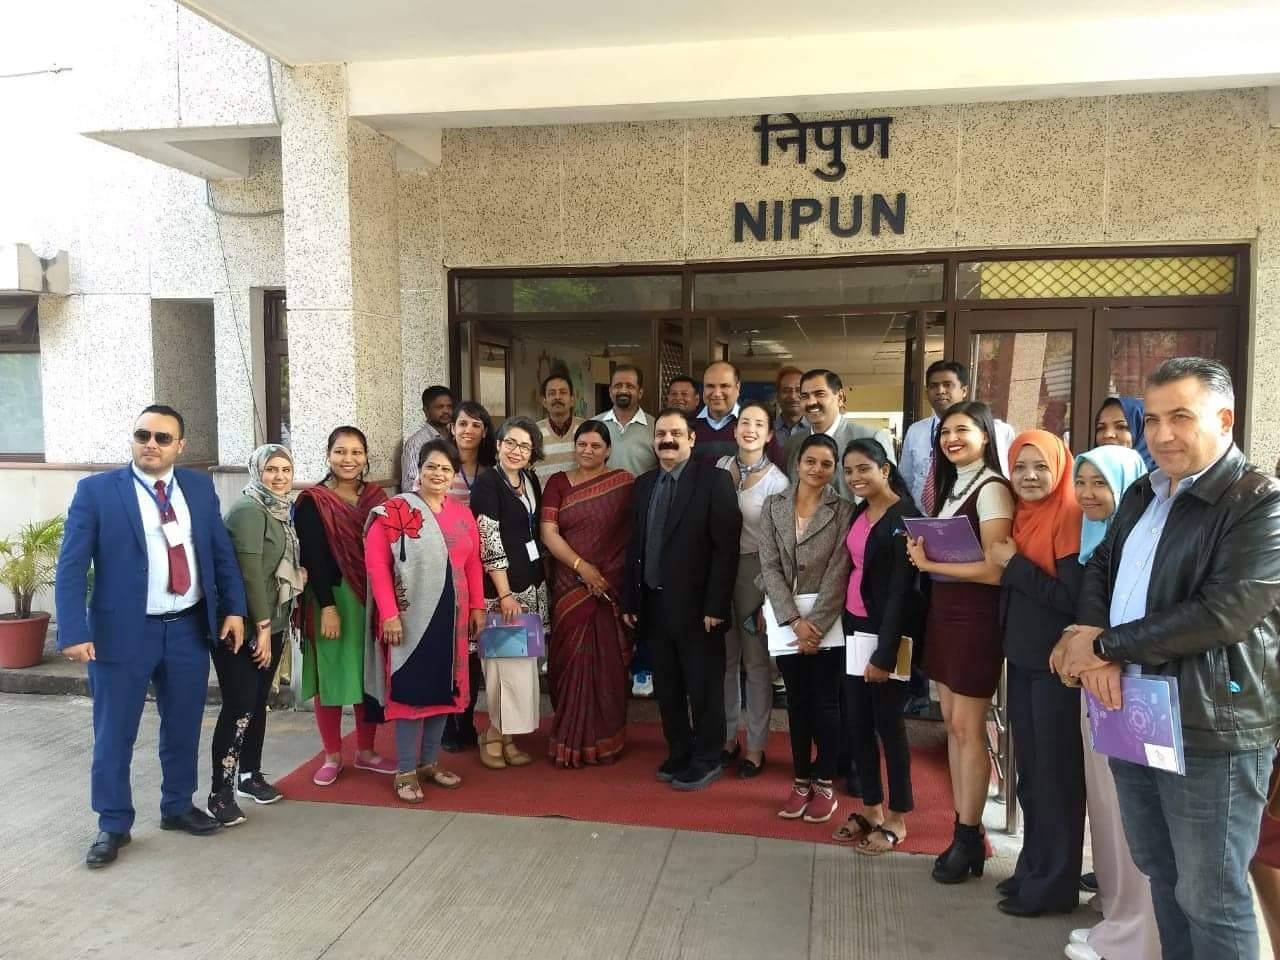 Асистентица Оливера Шево боравила је у Националном институту за образовање наставника у граду Бопал у Индији